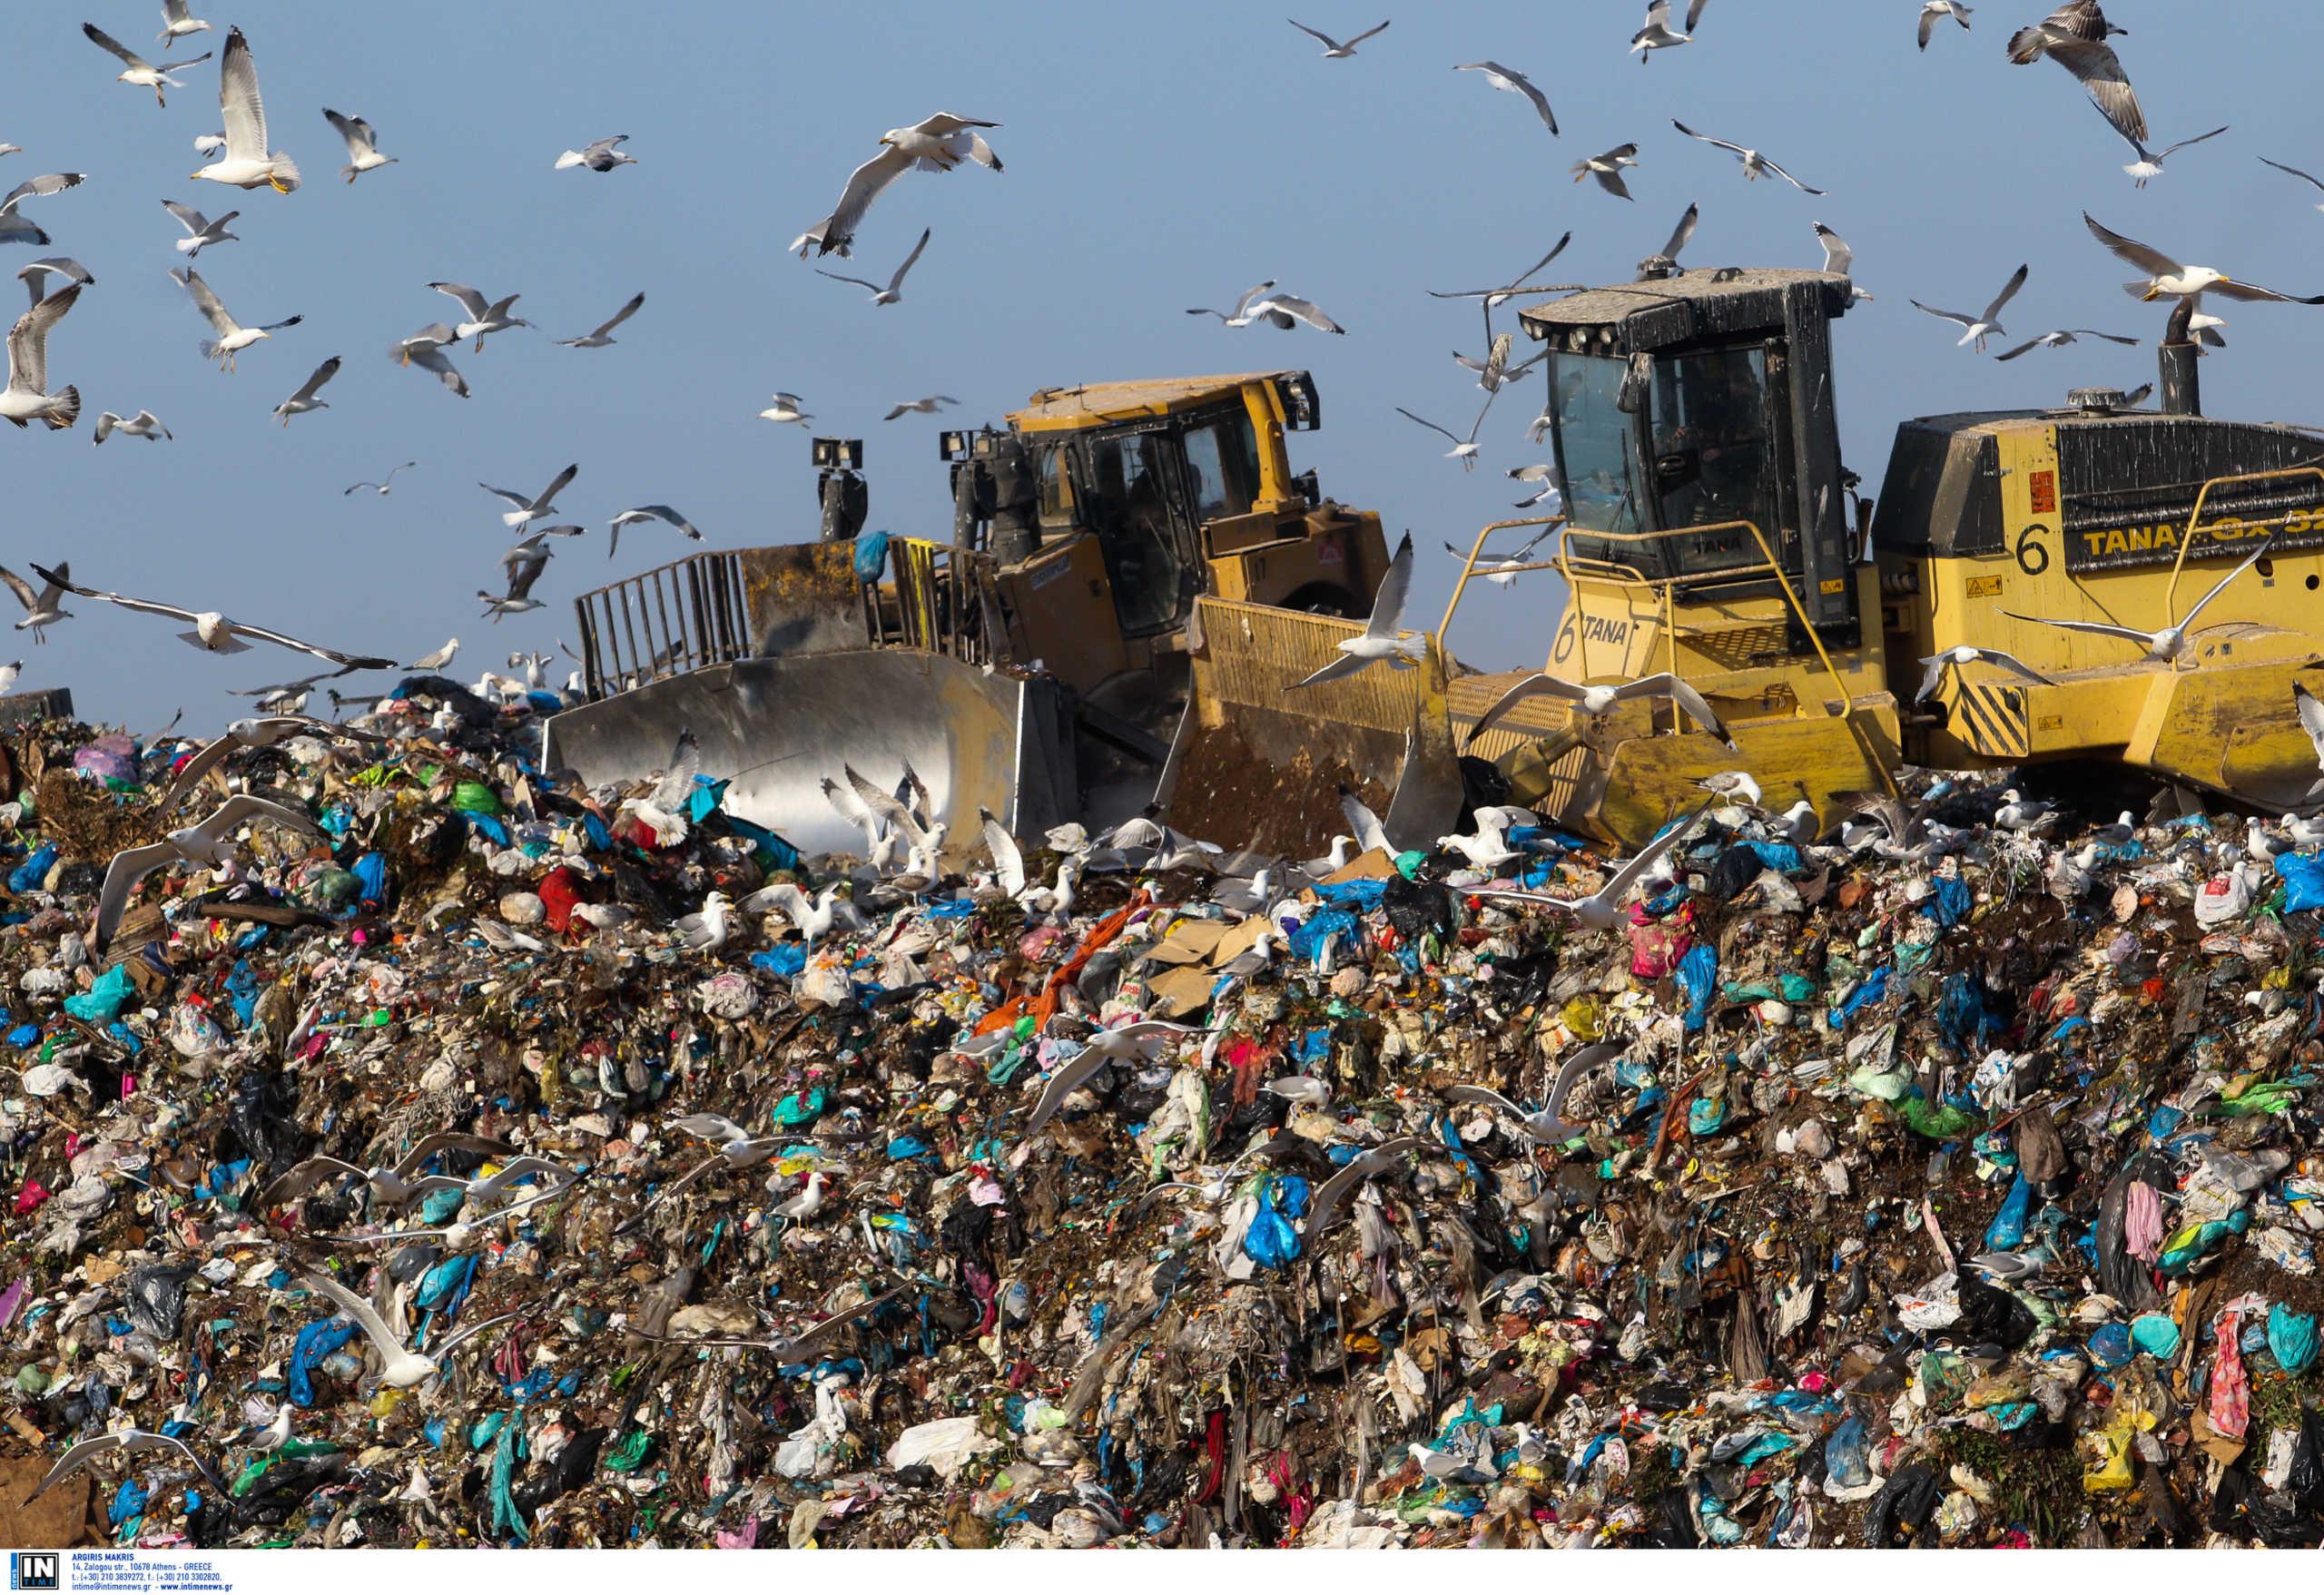 Χατζηδάκης: Στόχος να κλείσουν και οι 14 χωματερές στα νησιά του νοτίου Αιγαίου ως το 2022